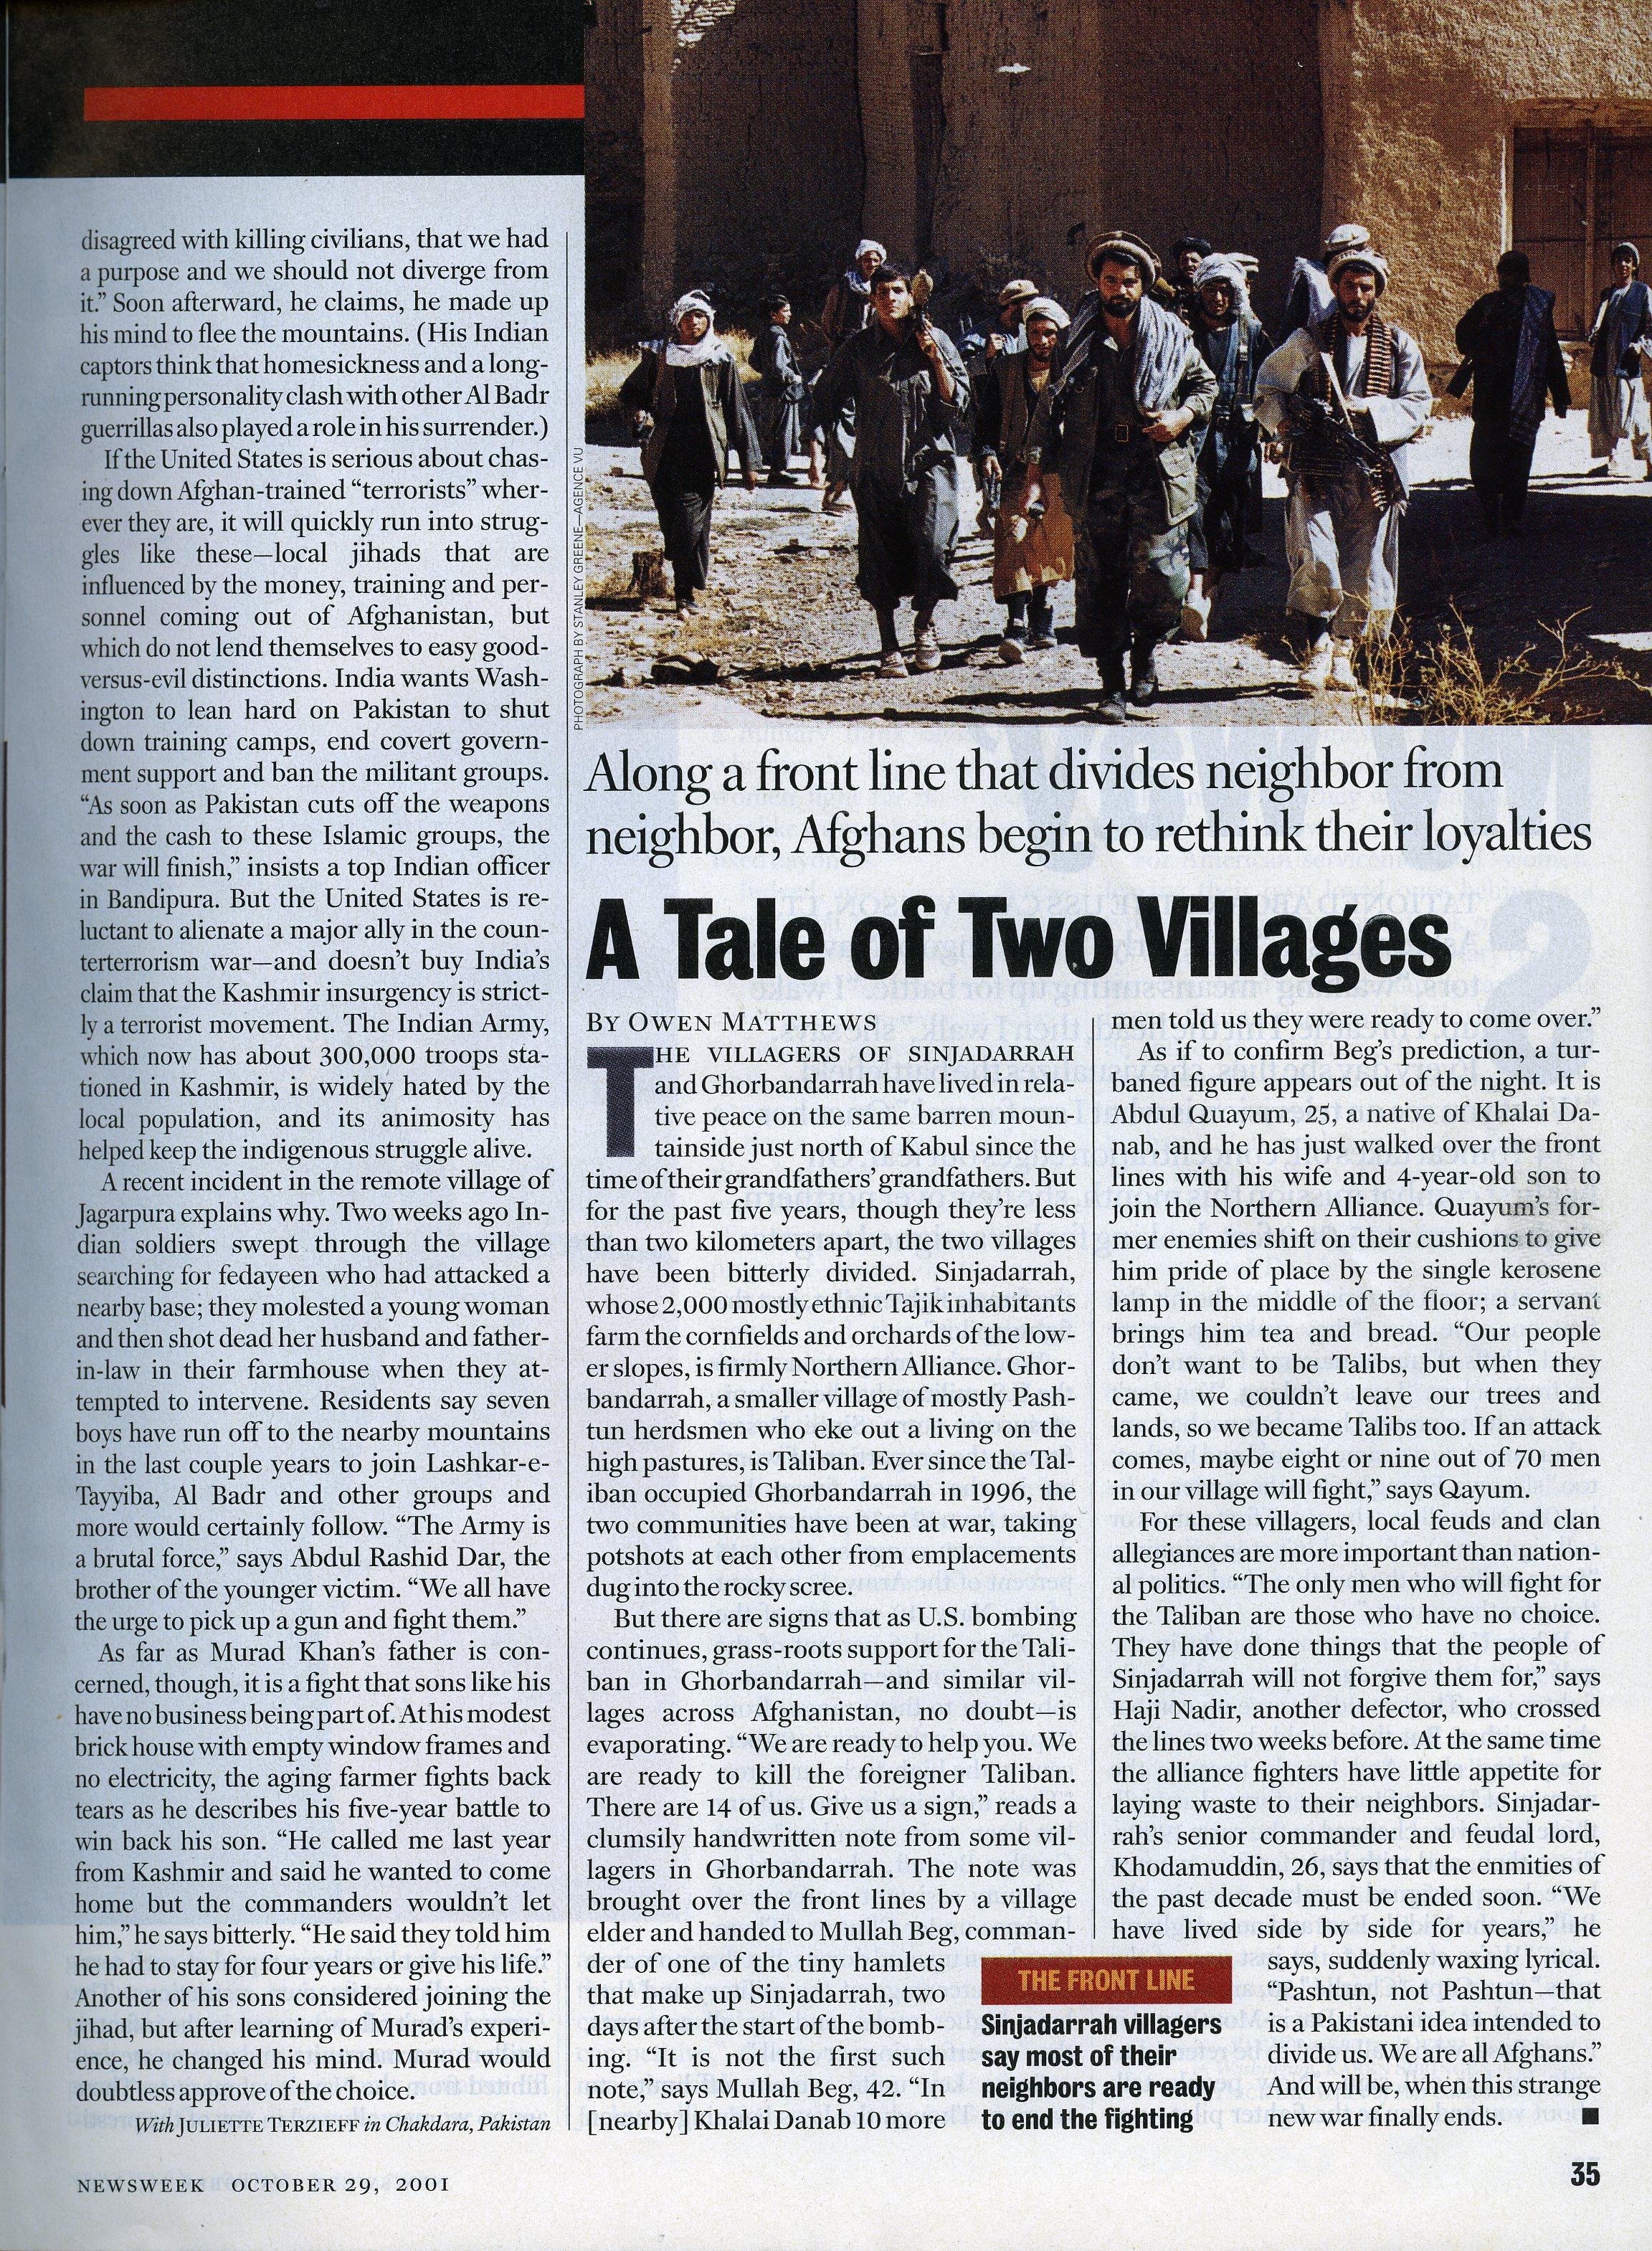 10292001_NEWSWEEK_INDIA_4.jpg